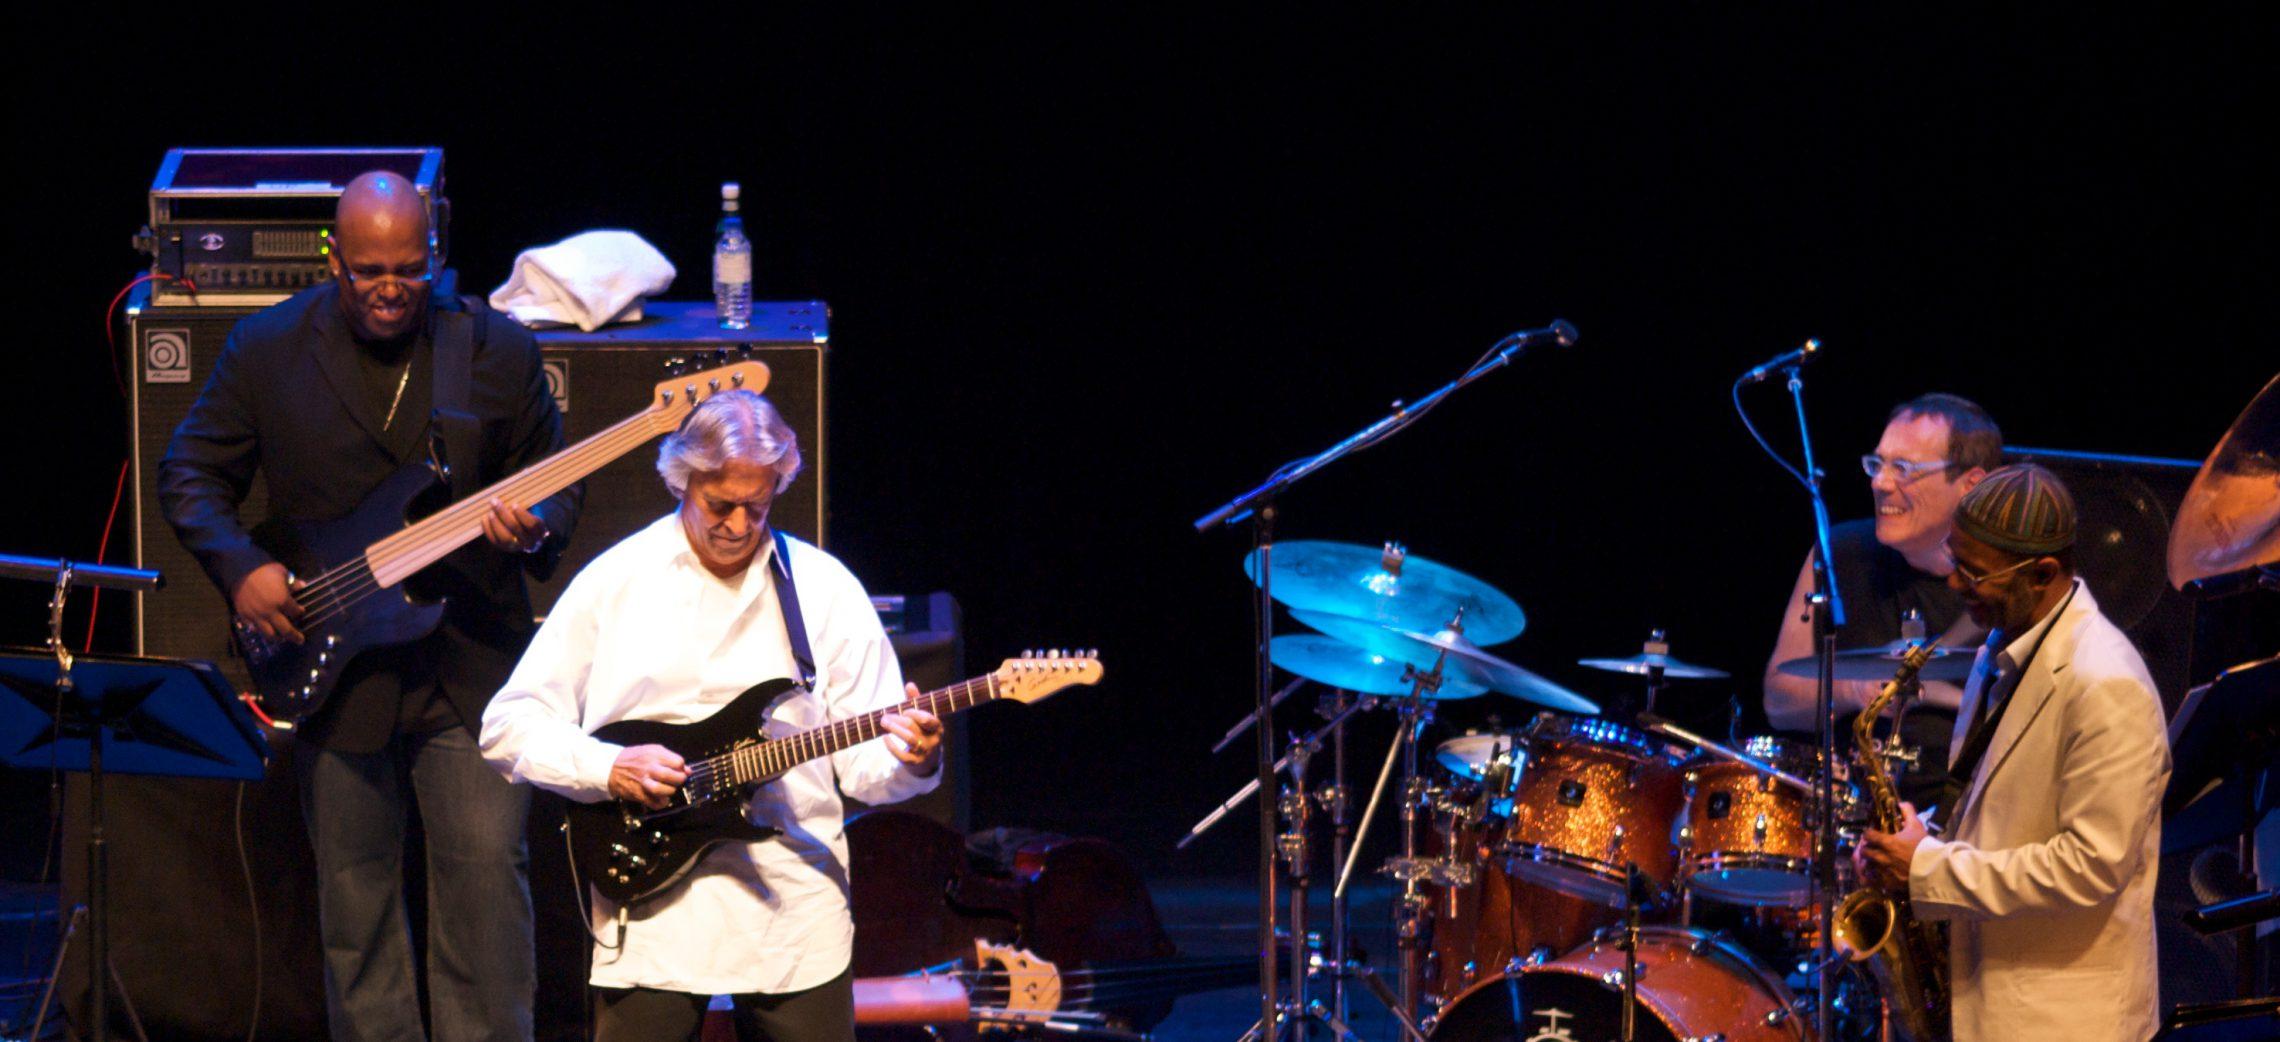 Jak Chick Corea obchodzi 70. urodziny - koncert w nowojorskim klubie Blue Note